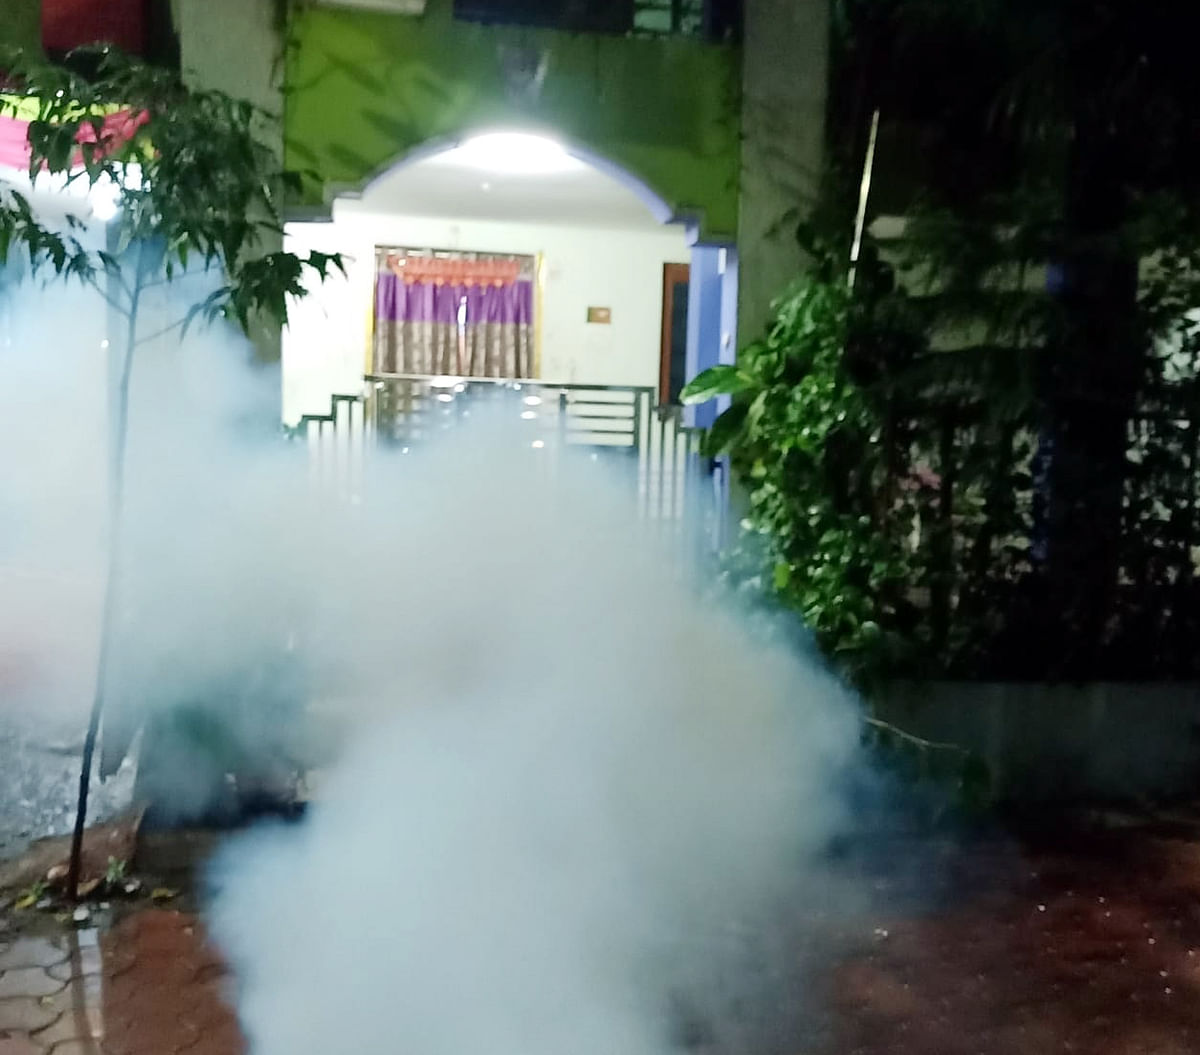 Indore : शहर में मिले 10 नए डेंगू के मरीज, 4 घरों में मिले लार्वा